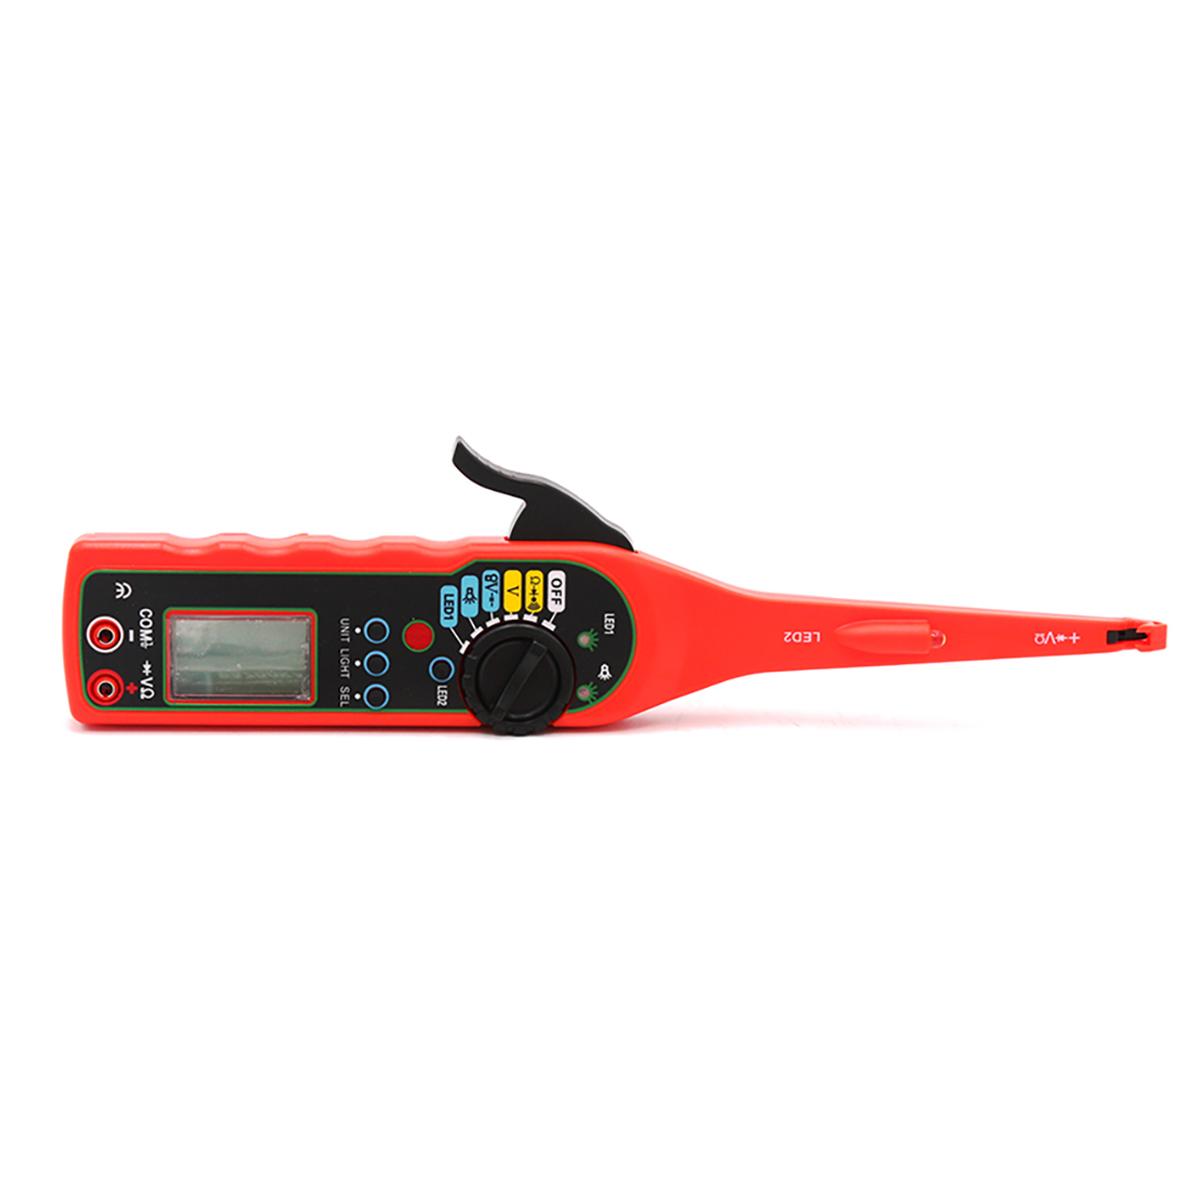 Автомобильный тестер электрических цепей iCartool IC-130